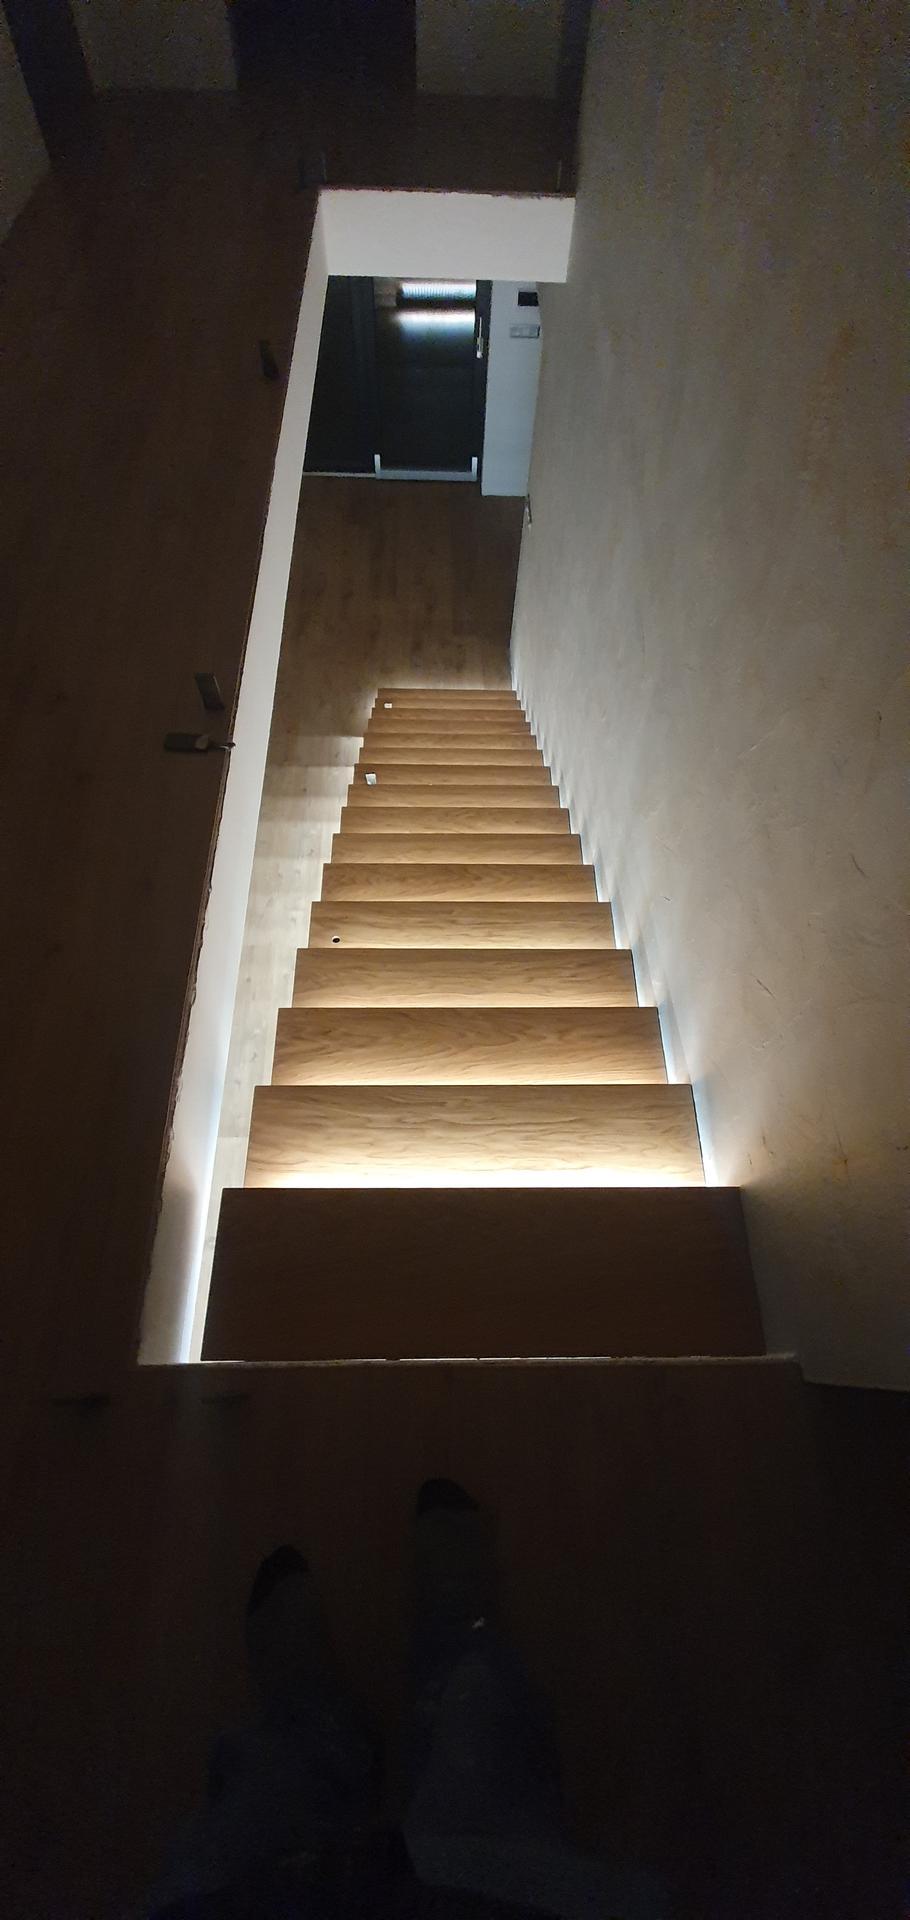 Konzolove schodisko (samonosne schody) - Obrázok č. 43